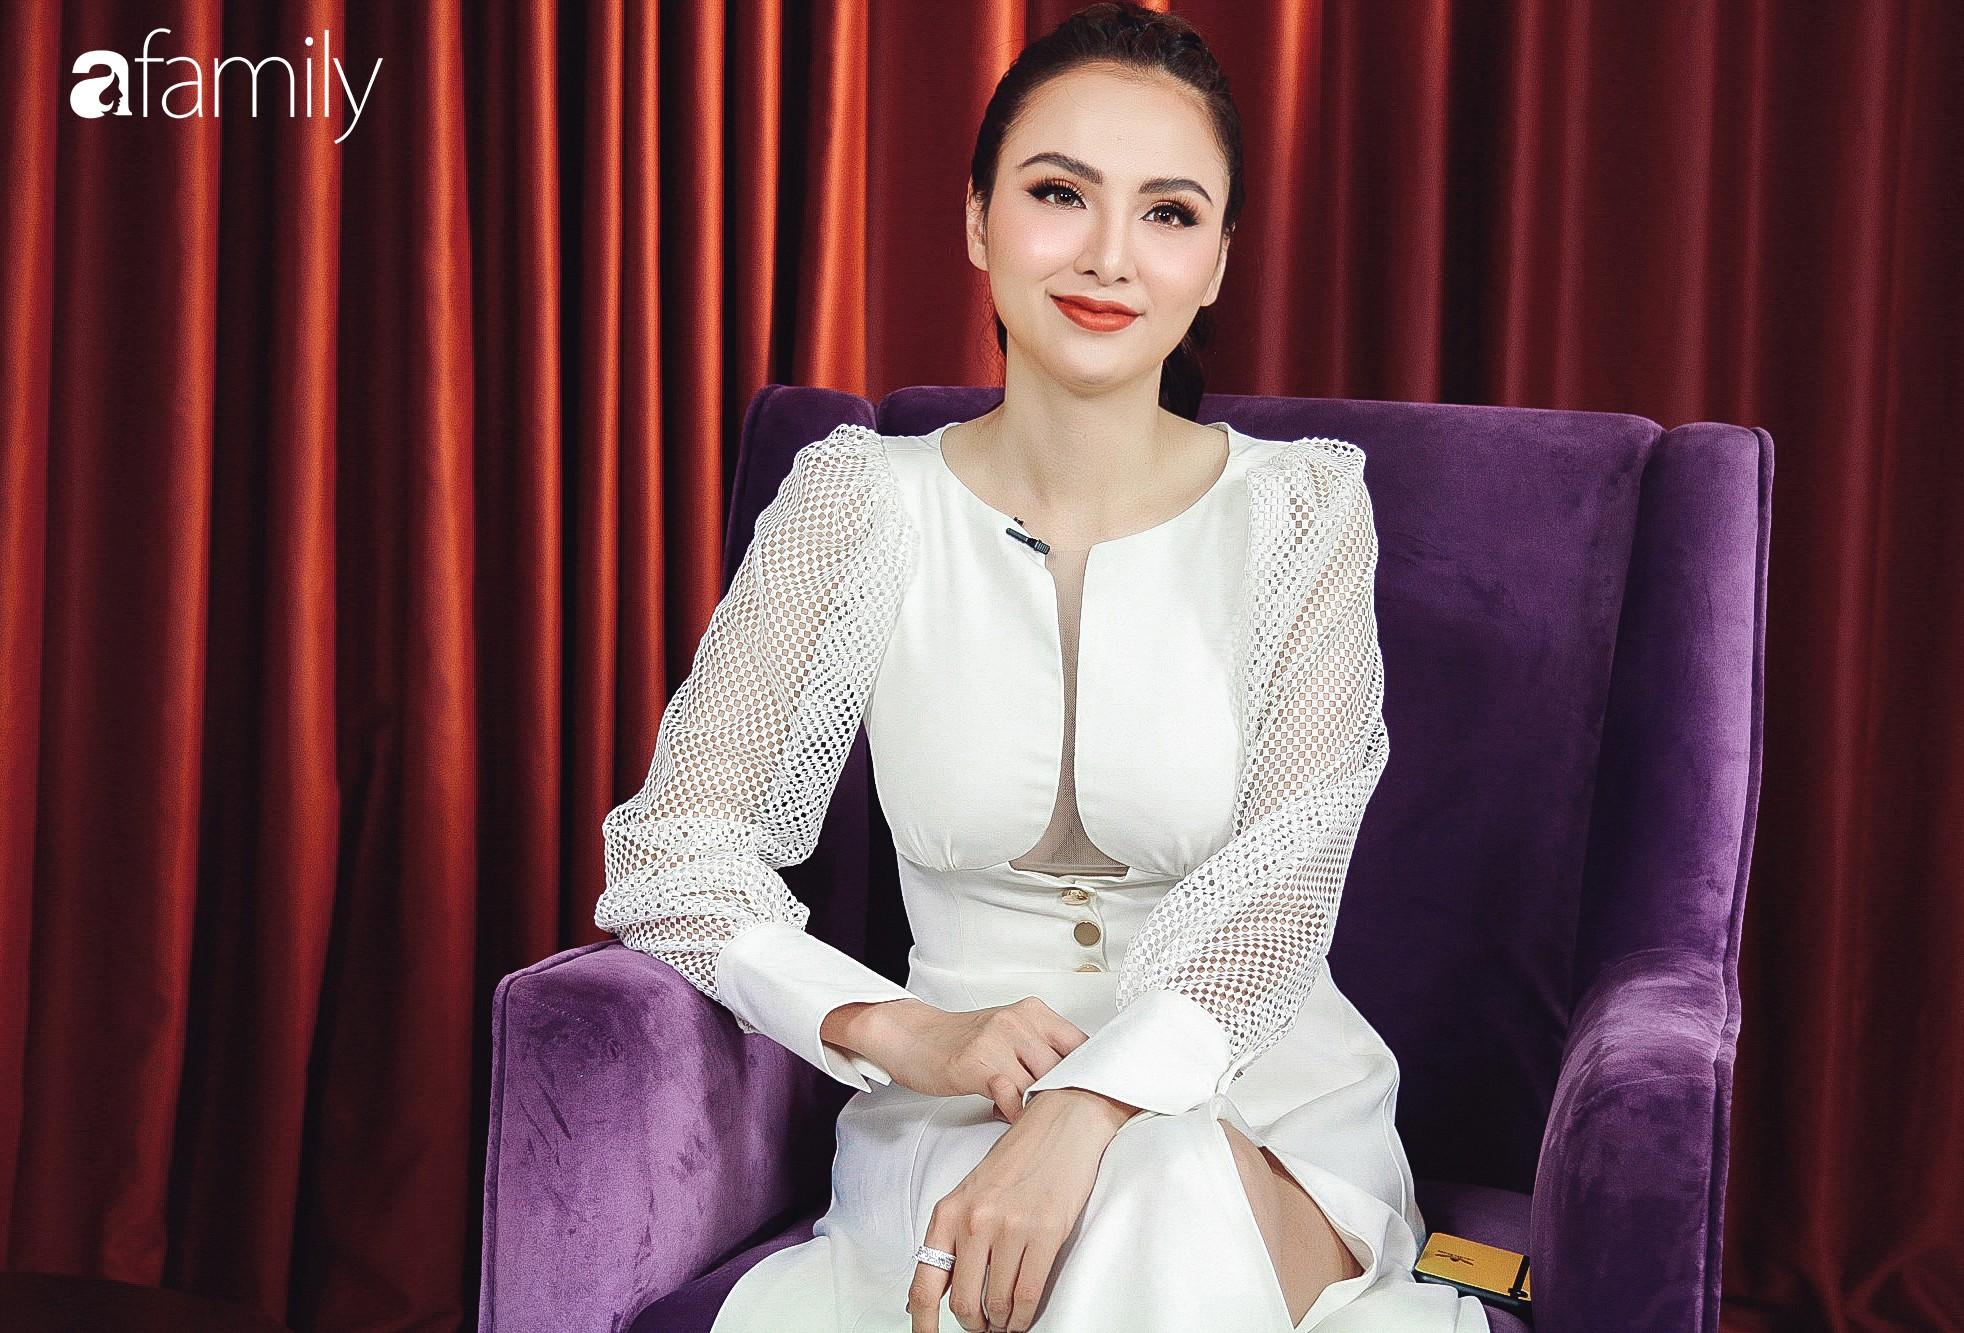 Hoa hậu Diễm Hương: Chồng nào cũng bảo nếu em đừng làm ra tiền thì đã dễ dạy hơn-8